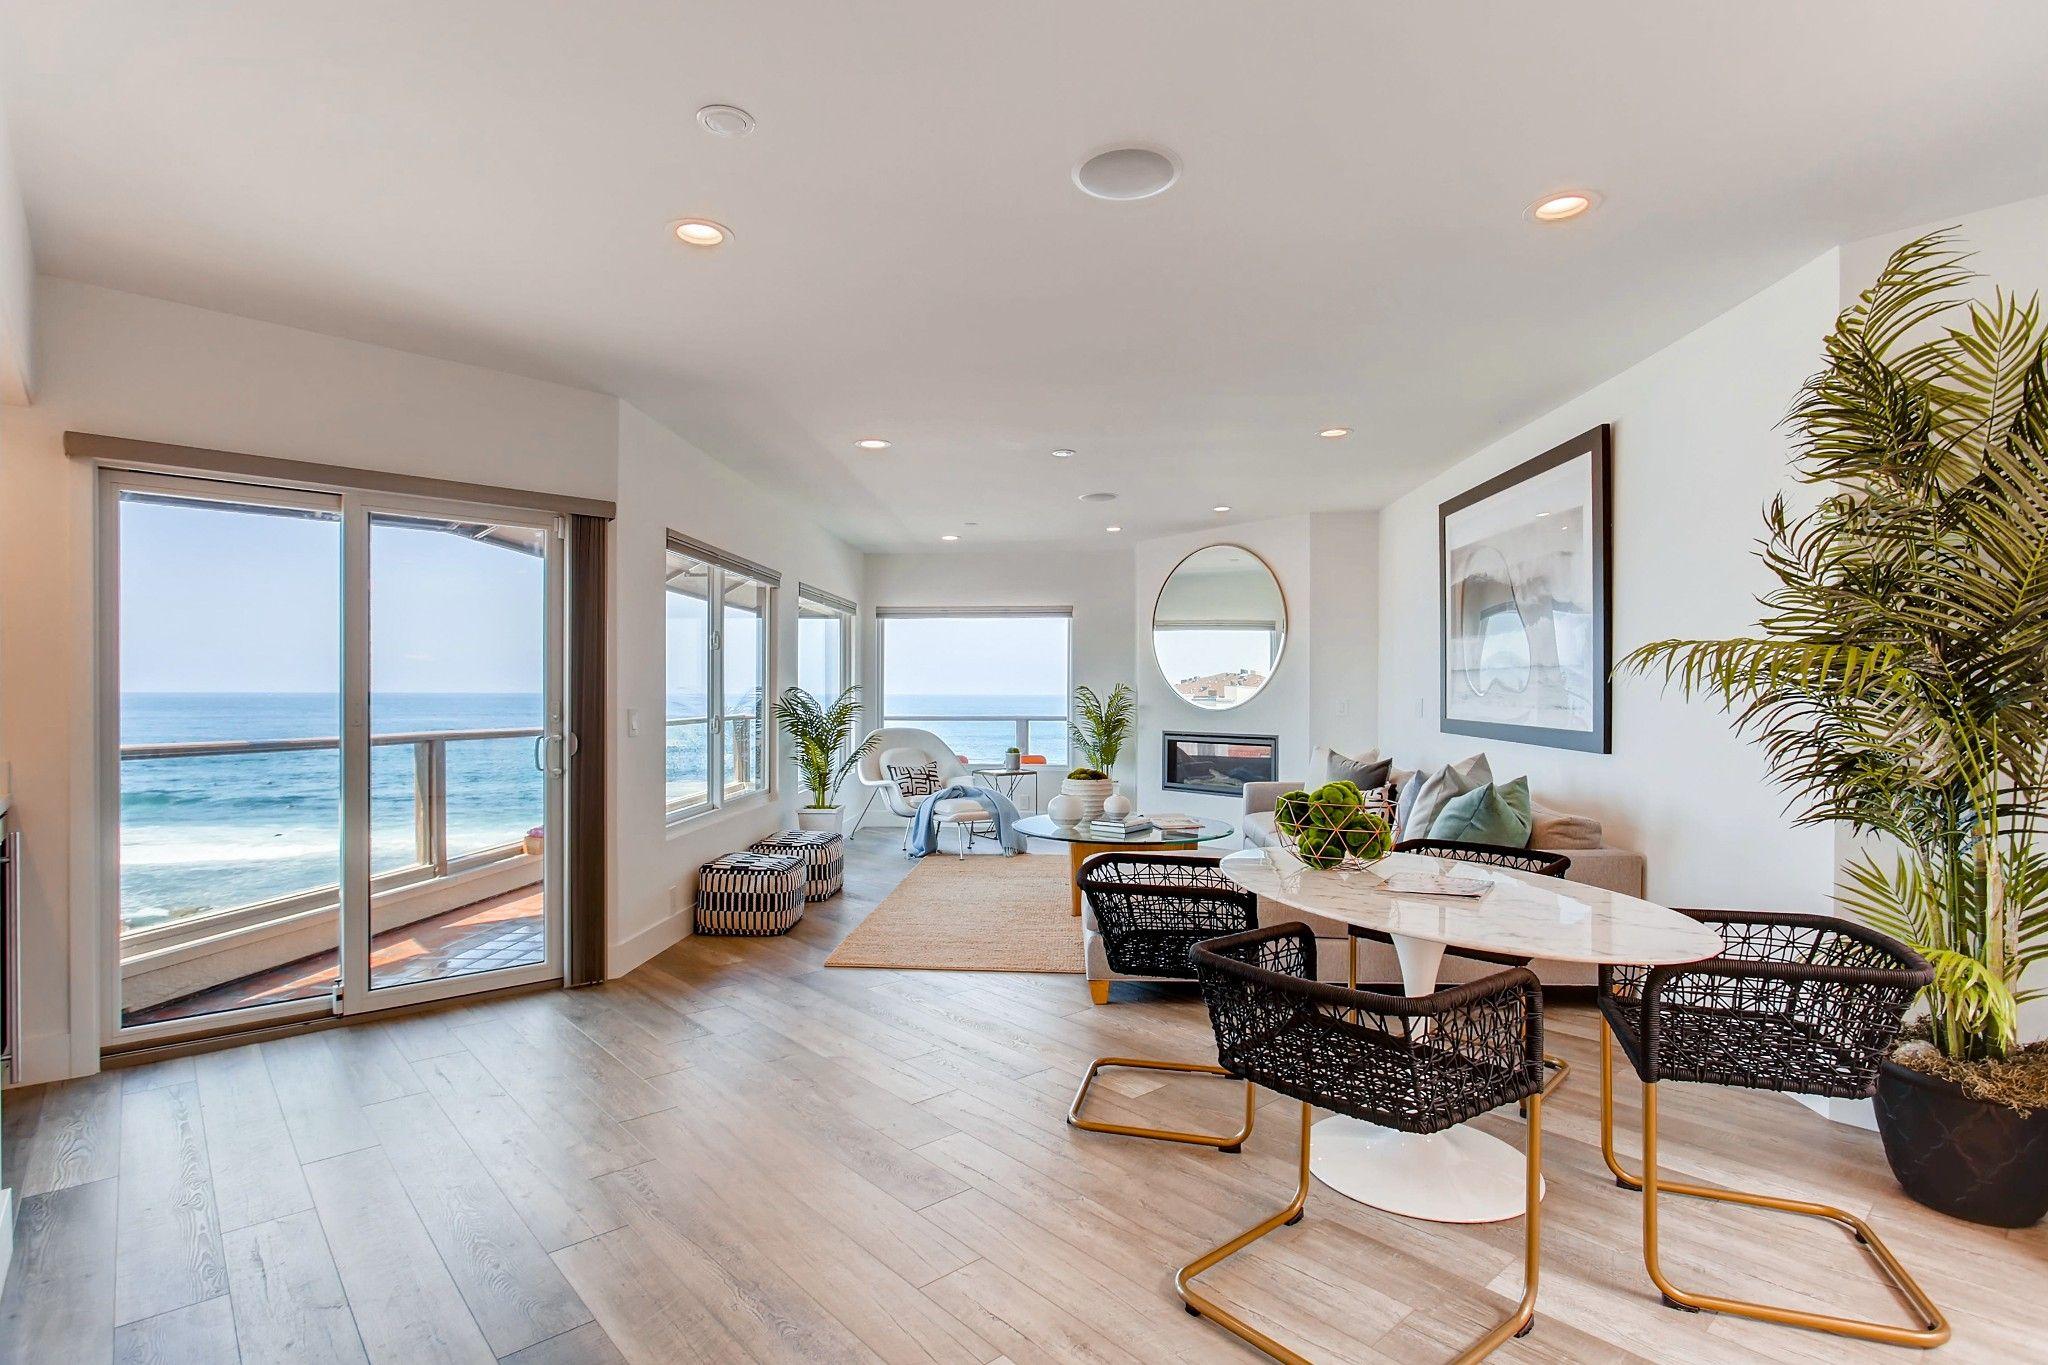 Main Photo: Condo for sale : 2 bedrooms : 333 Coast Blvd Unit 20, La Jolla, CA 92037 in La Jolla